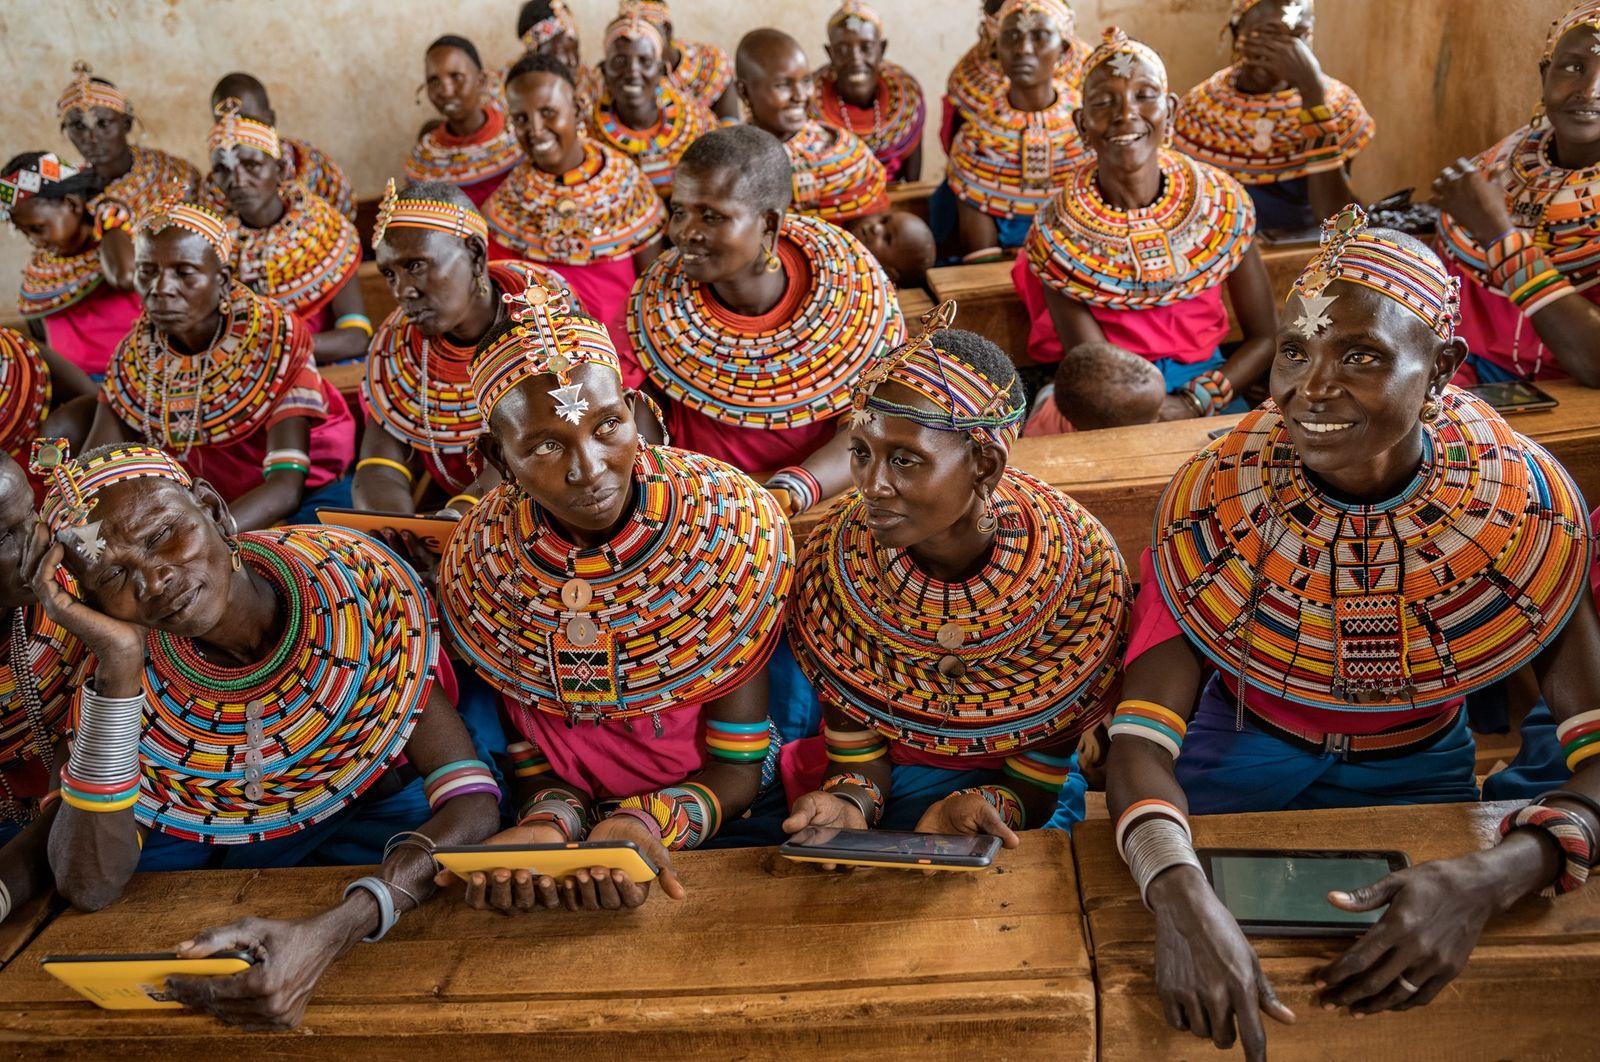 Der Wunsch, ihren Kindern etwas über Computer beizubringen führte diese Samburu-Frauen in ein Klassenzimmer in einer ...